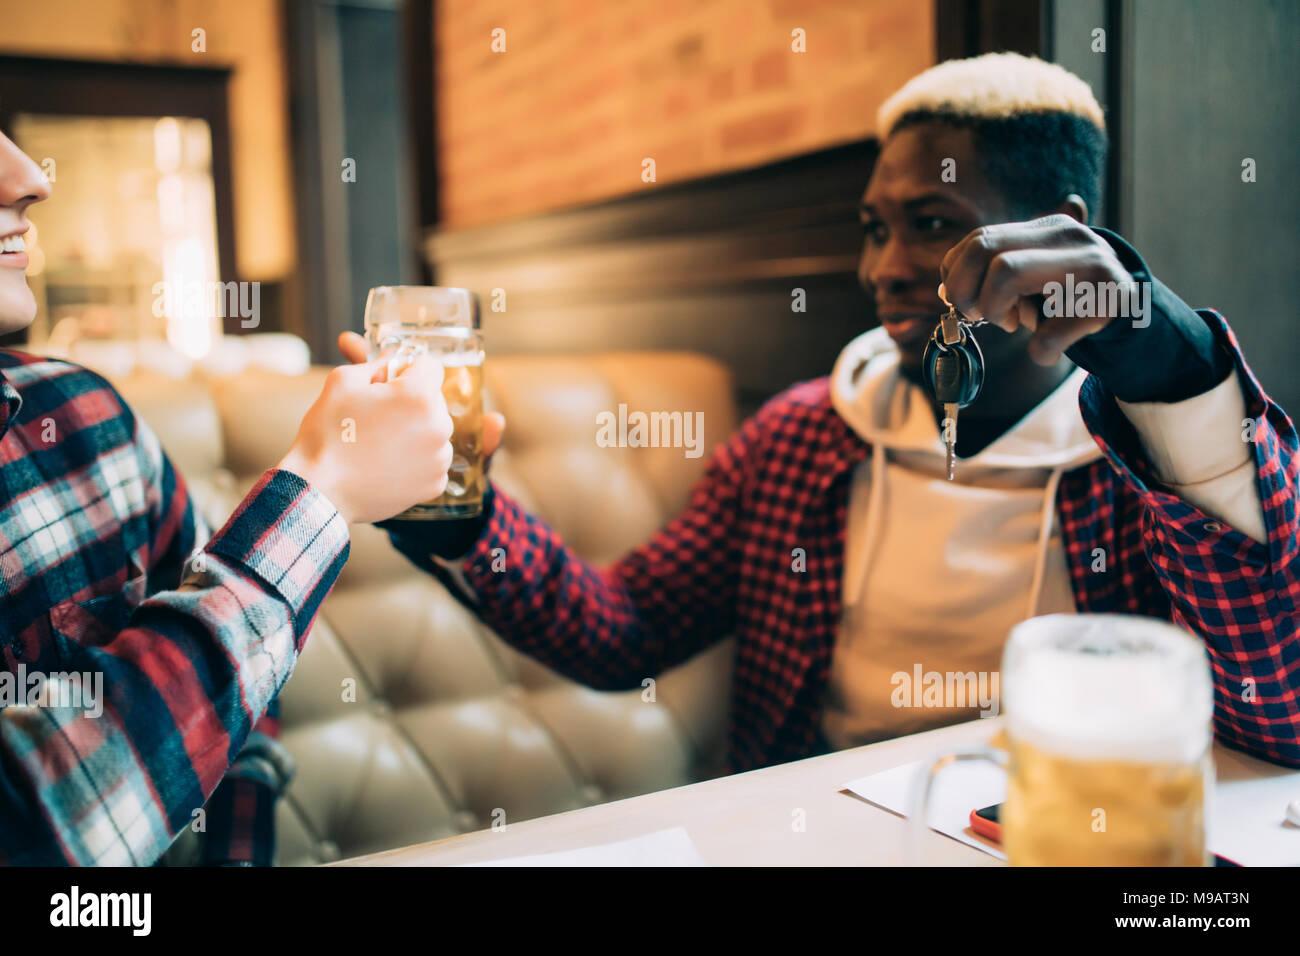 Junge afro-amerikanische Mann hält Autoschlüssel und die Ablehnung von Bier aus seinem Freund in der Kneipe zu trinken. Nicht trinken und fahren. Stockbild